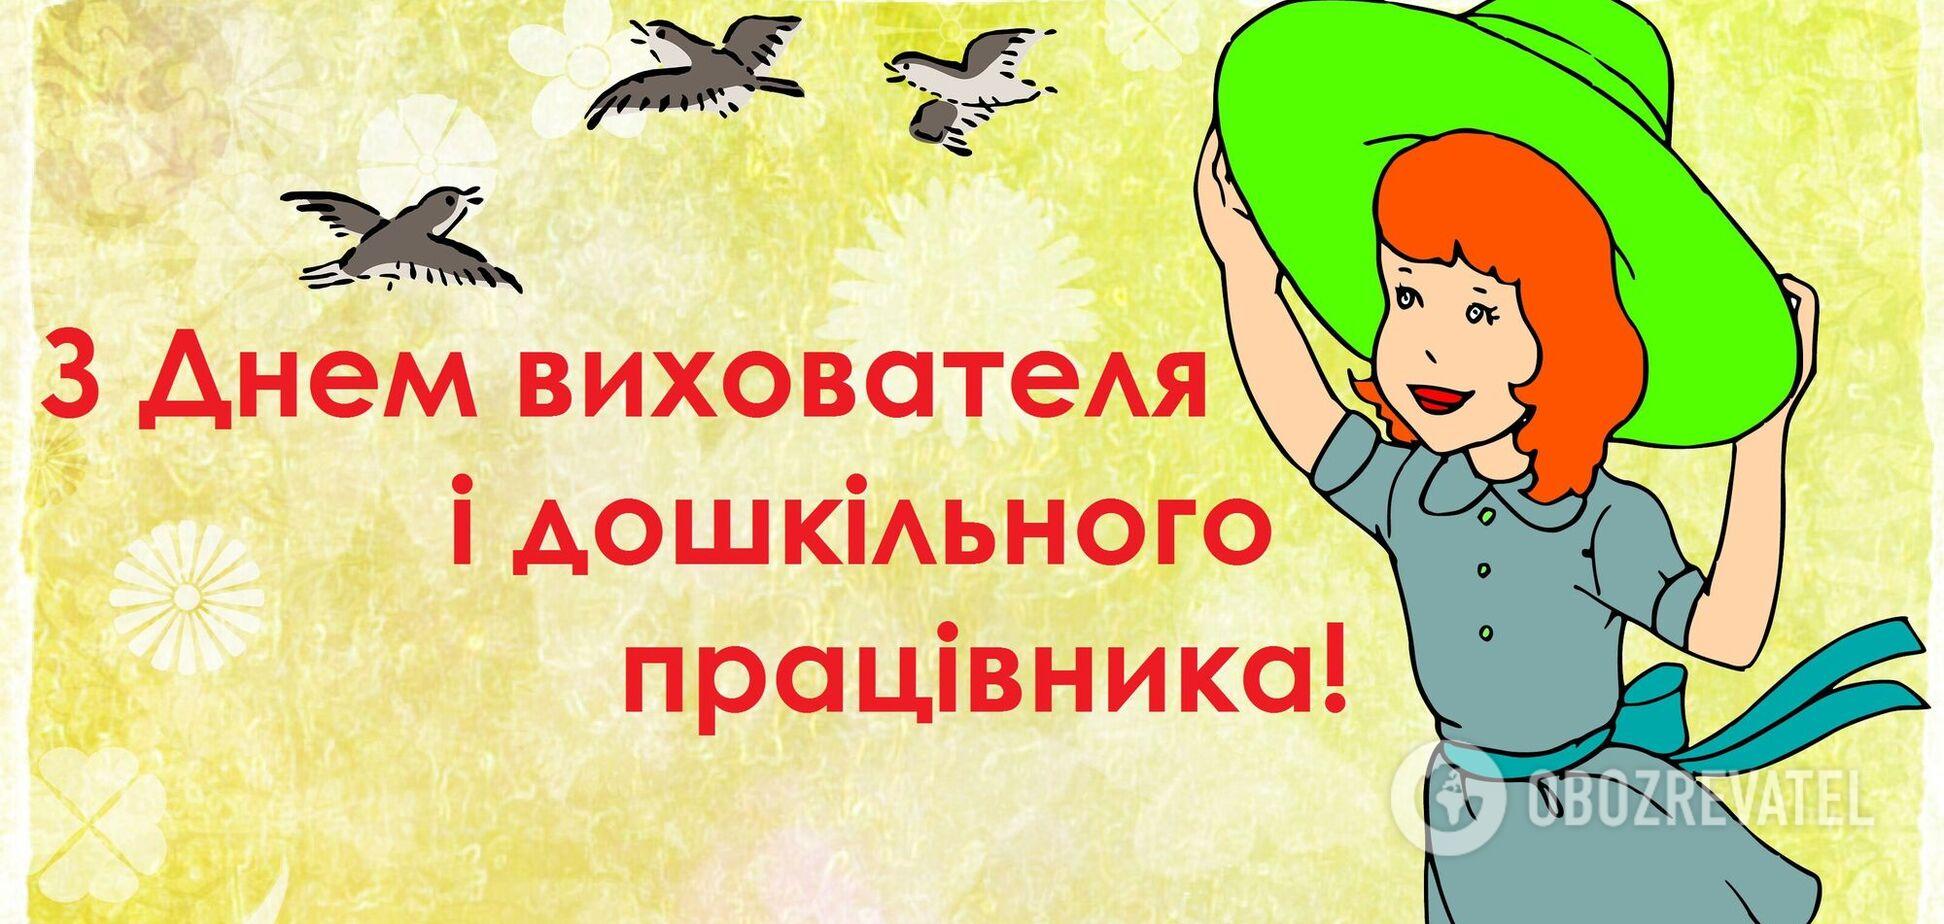 День воспитателя и дошкольного работника празднуется 27 сентября